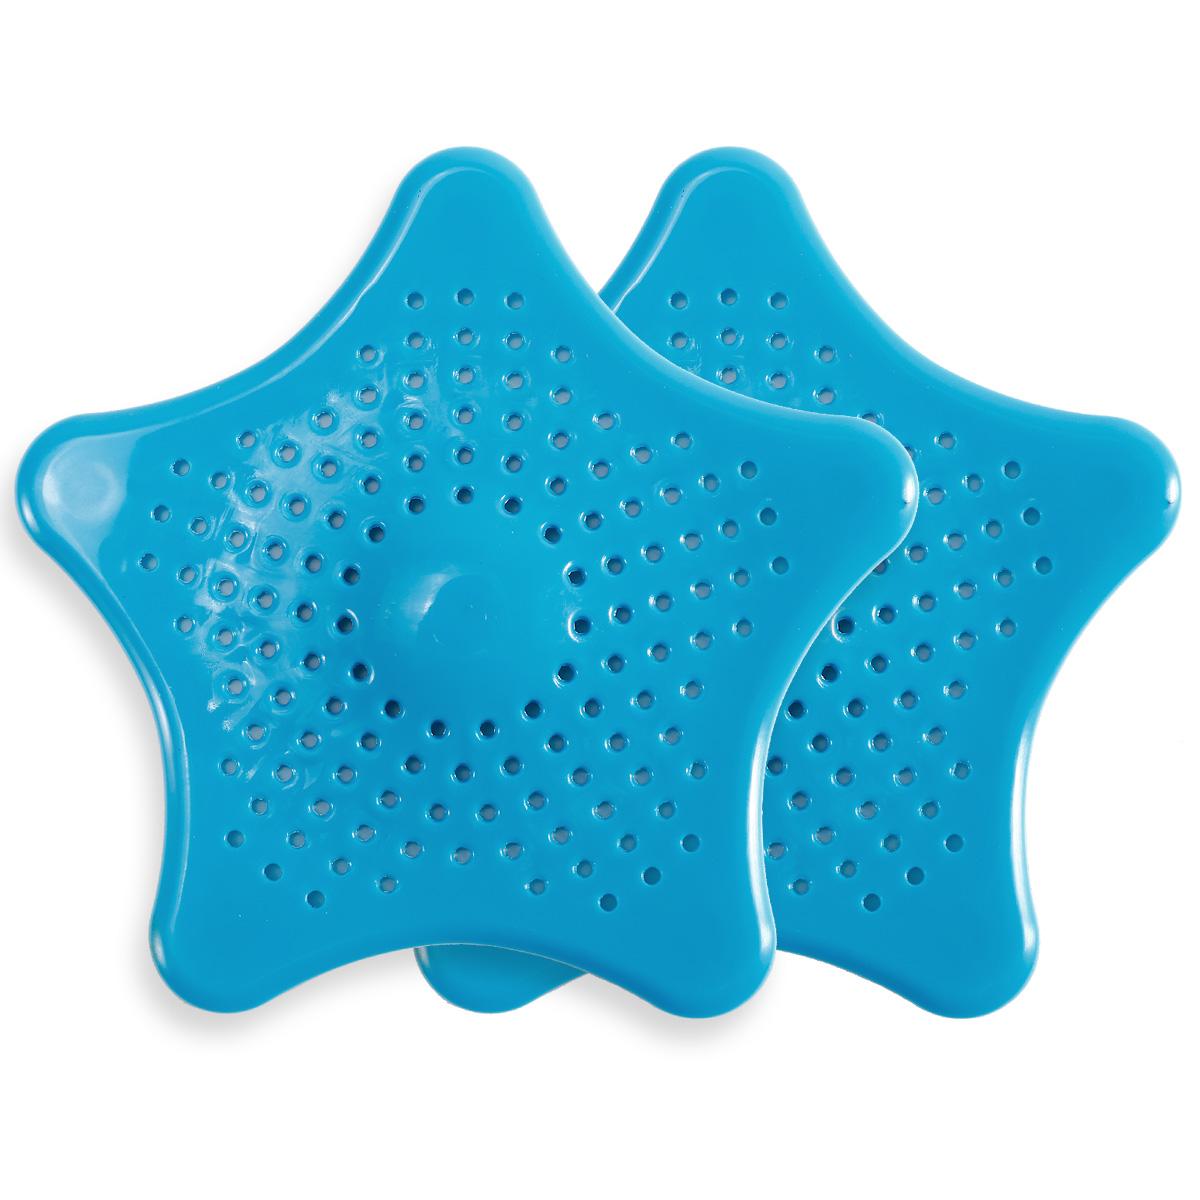 2 x waschbecken sieb k che badezimmer plug abflusssieb filter haar falle ebay. Black Bedroom Furniture Sets. Home Design Ideas